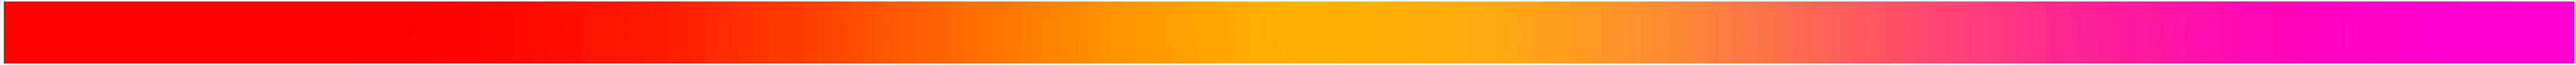 影像上海艺术博览会参展画廊 泰吉轩画廊 博文精选 PHOTOFAIRS 画廊 影像 上海艺术博览会 泰吉轩画廊 泰吉轩 现场 Gallery 展位 艺术家 迈克尔 崇真艺客